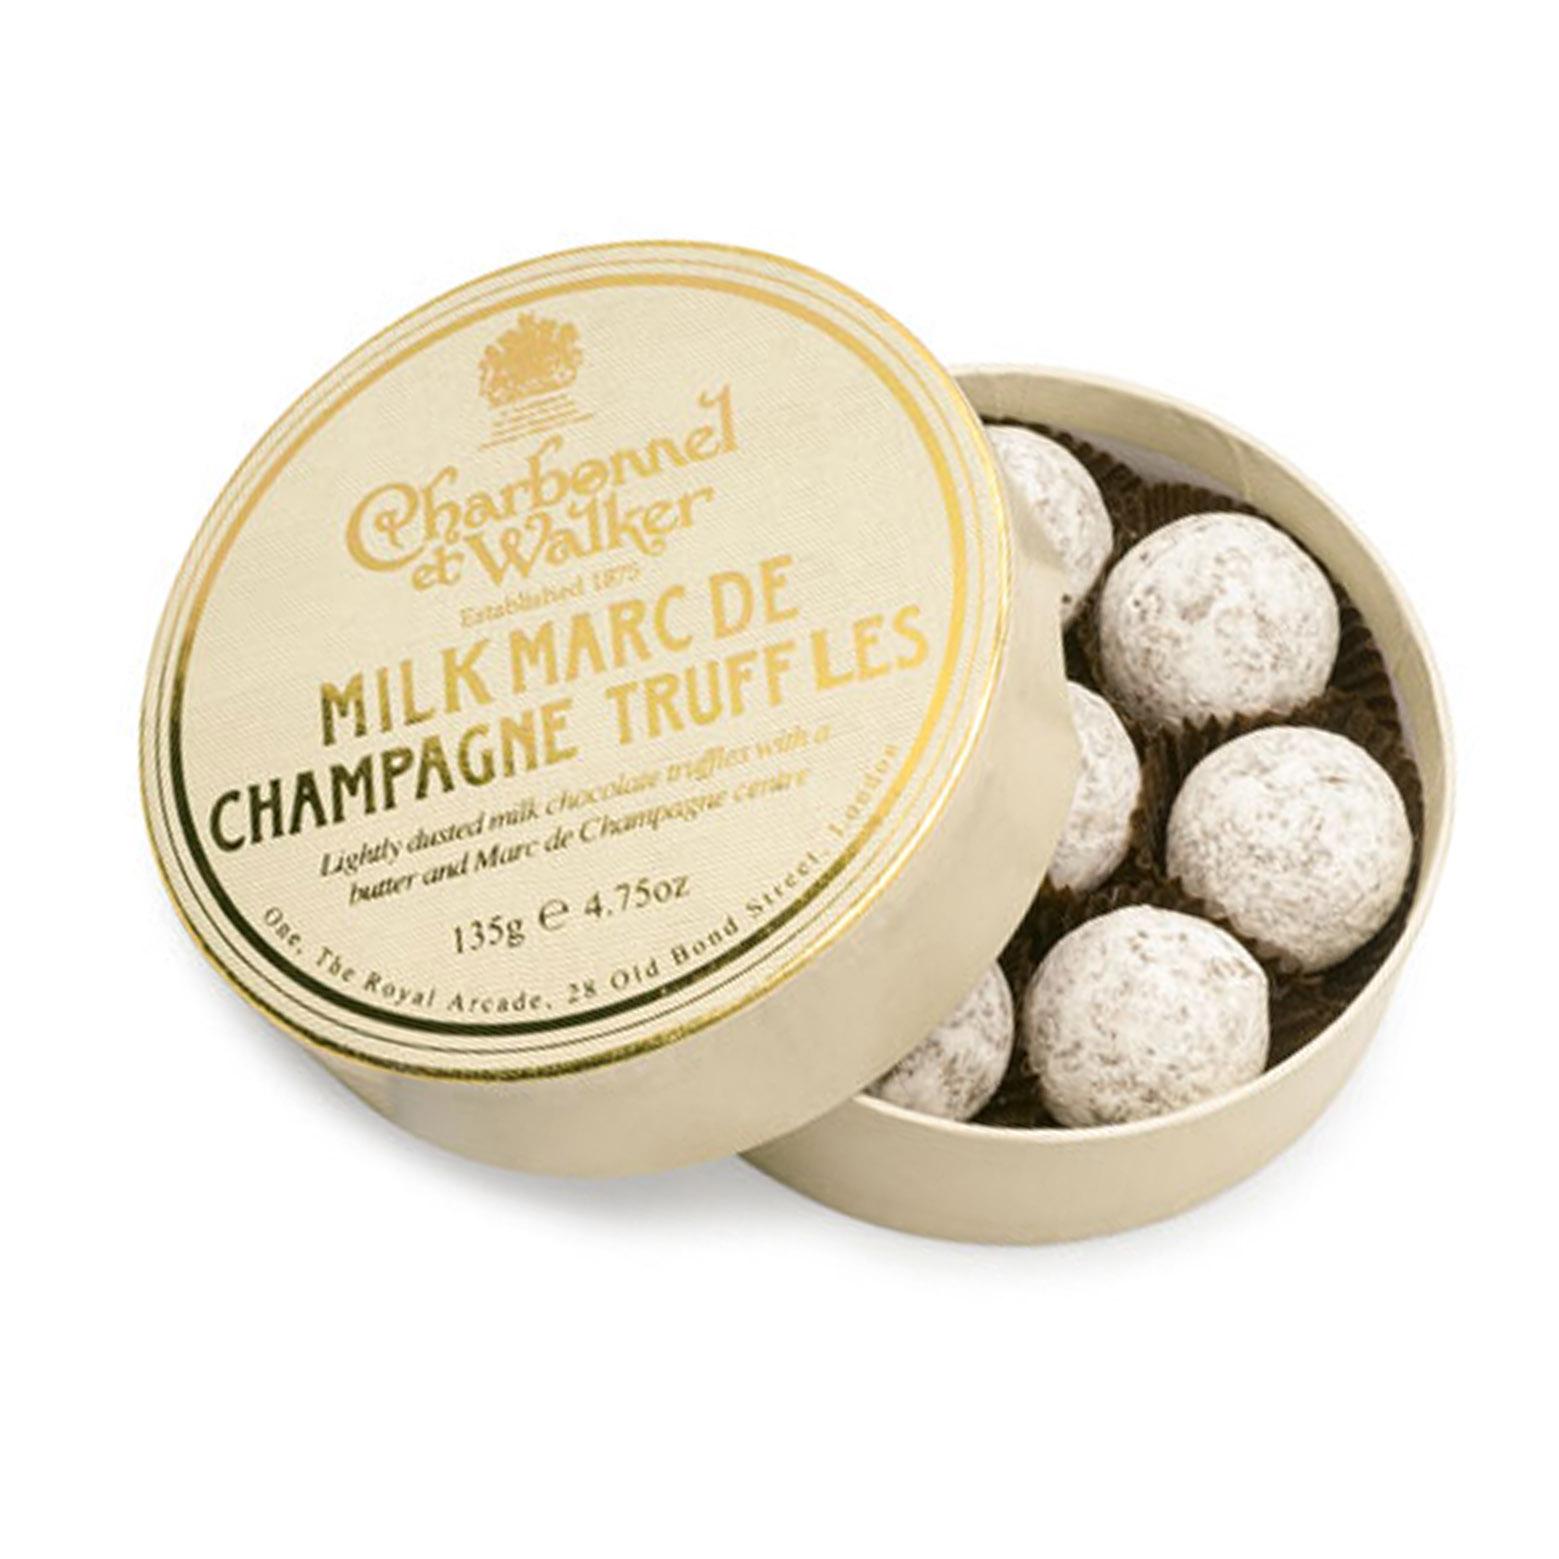 Charbonnel et Walker - Milk Marc de Champagne truffles -